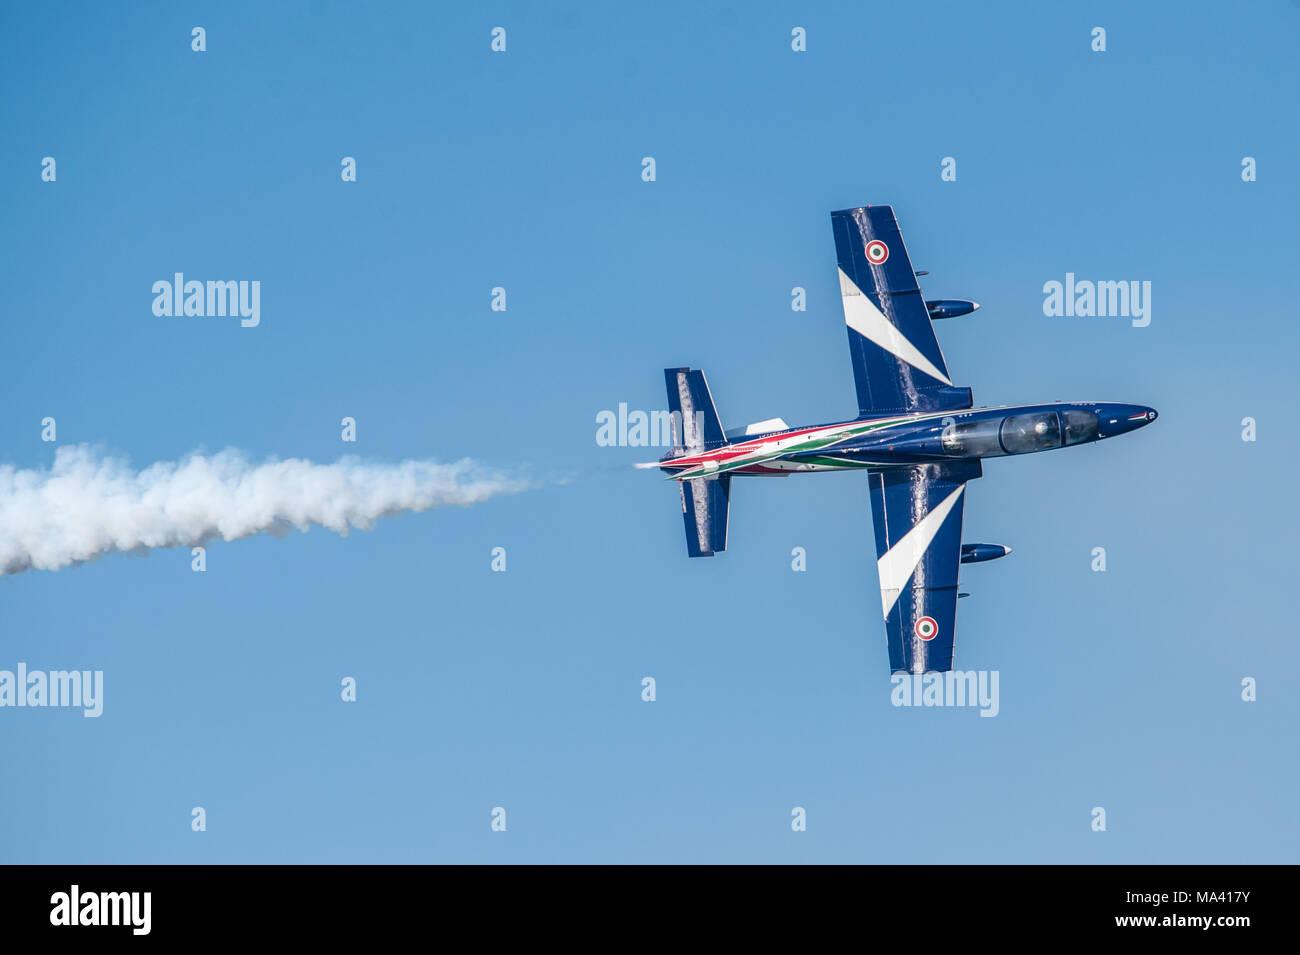 Frecce Tricolori (Tricolour Arrows) - Italian acrobatic flight patrol - Aermacchi mb 339 - Airshow Alba Adriatica Italy - acrobatics in the sky Stock Photo